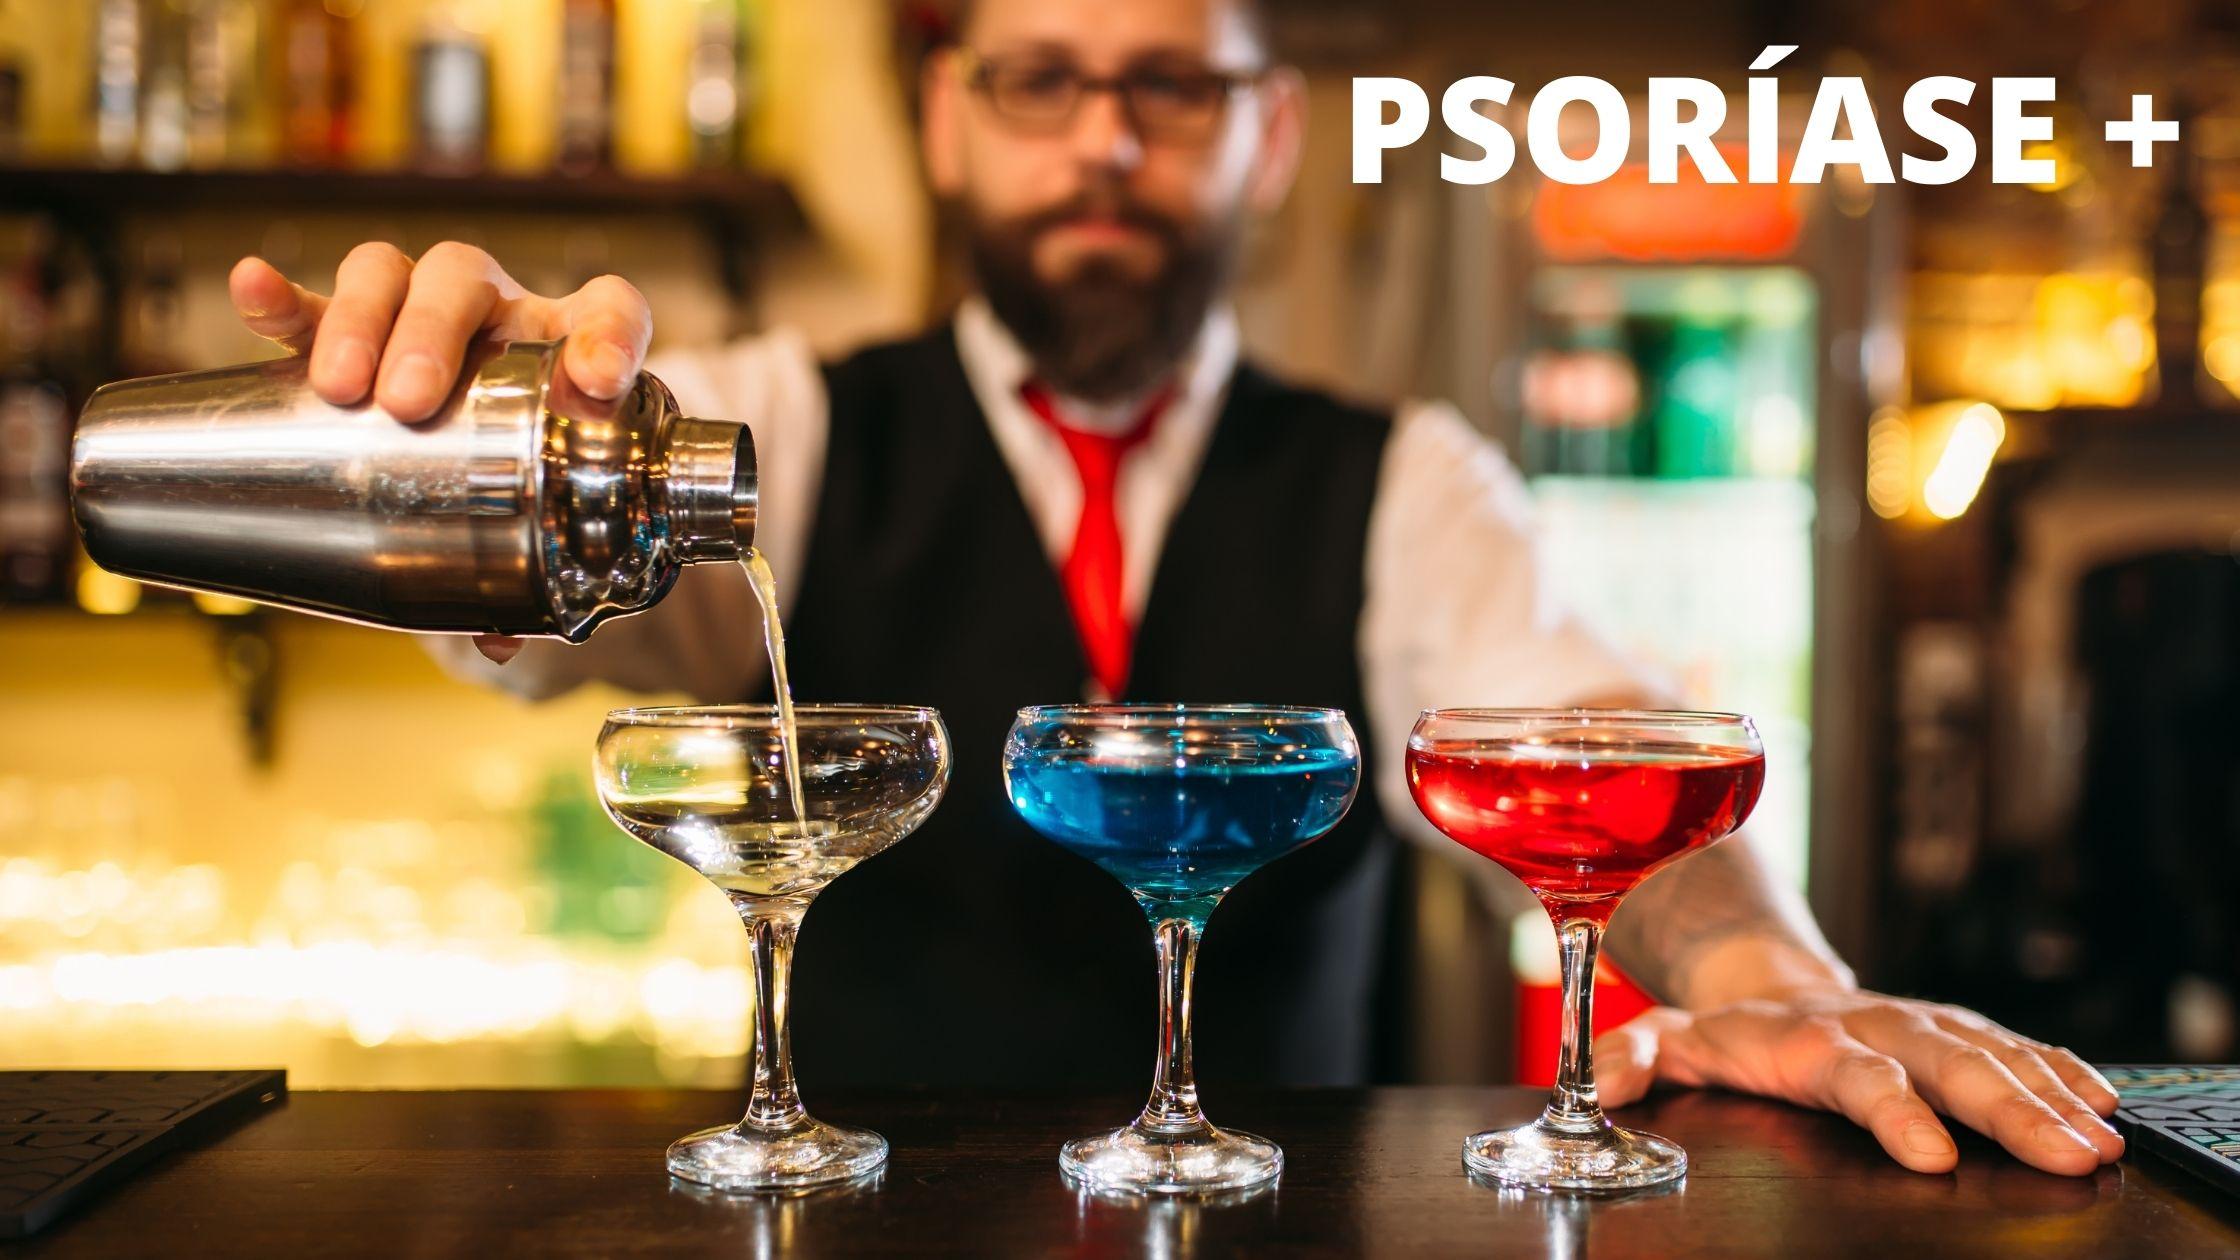 BEBIDAS ALCOOLICAS e PSORIASE